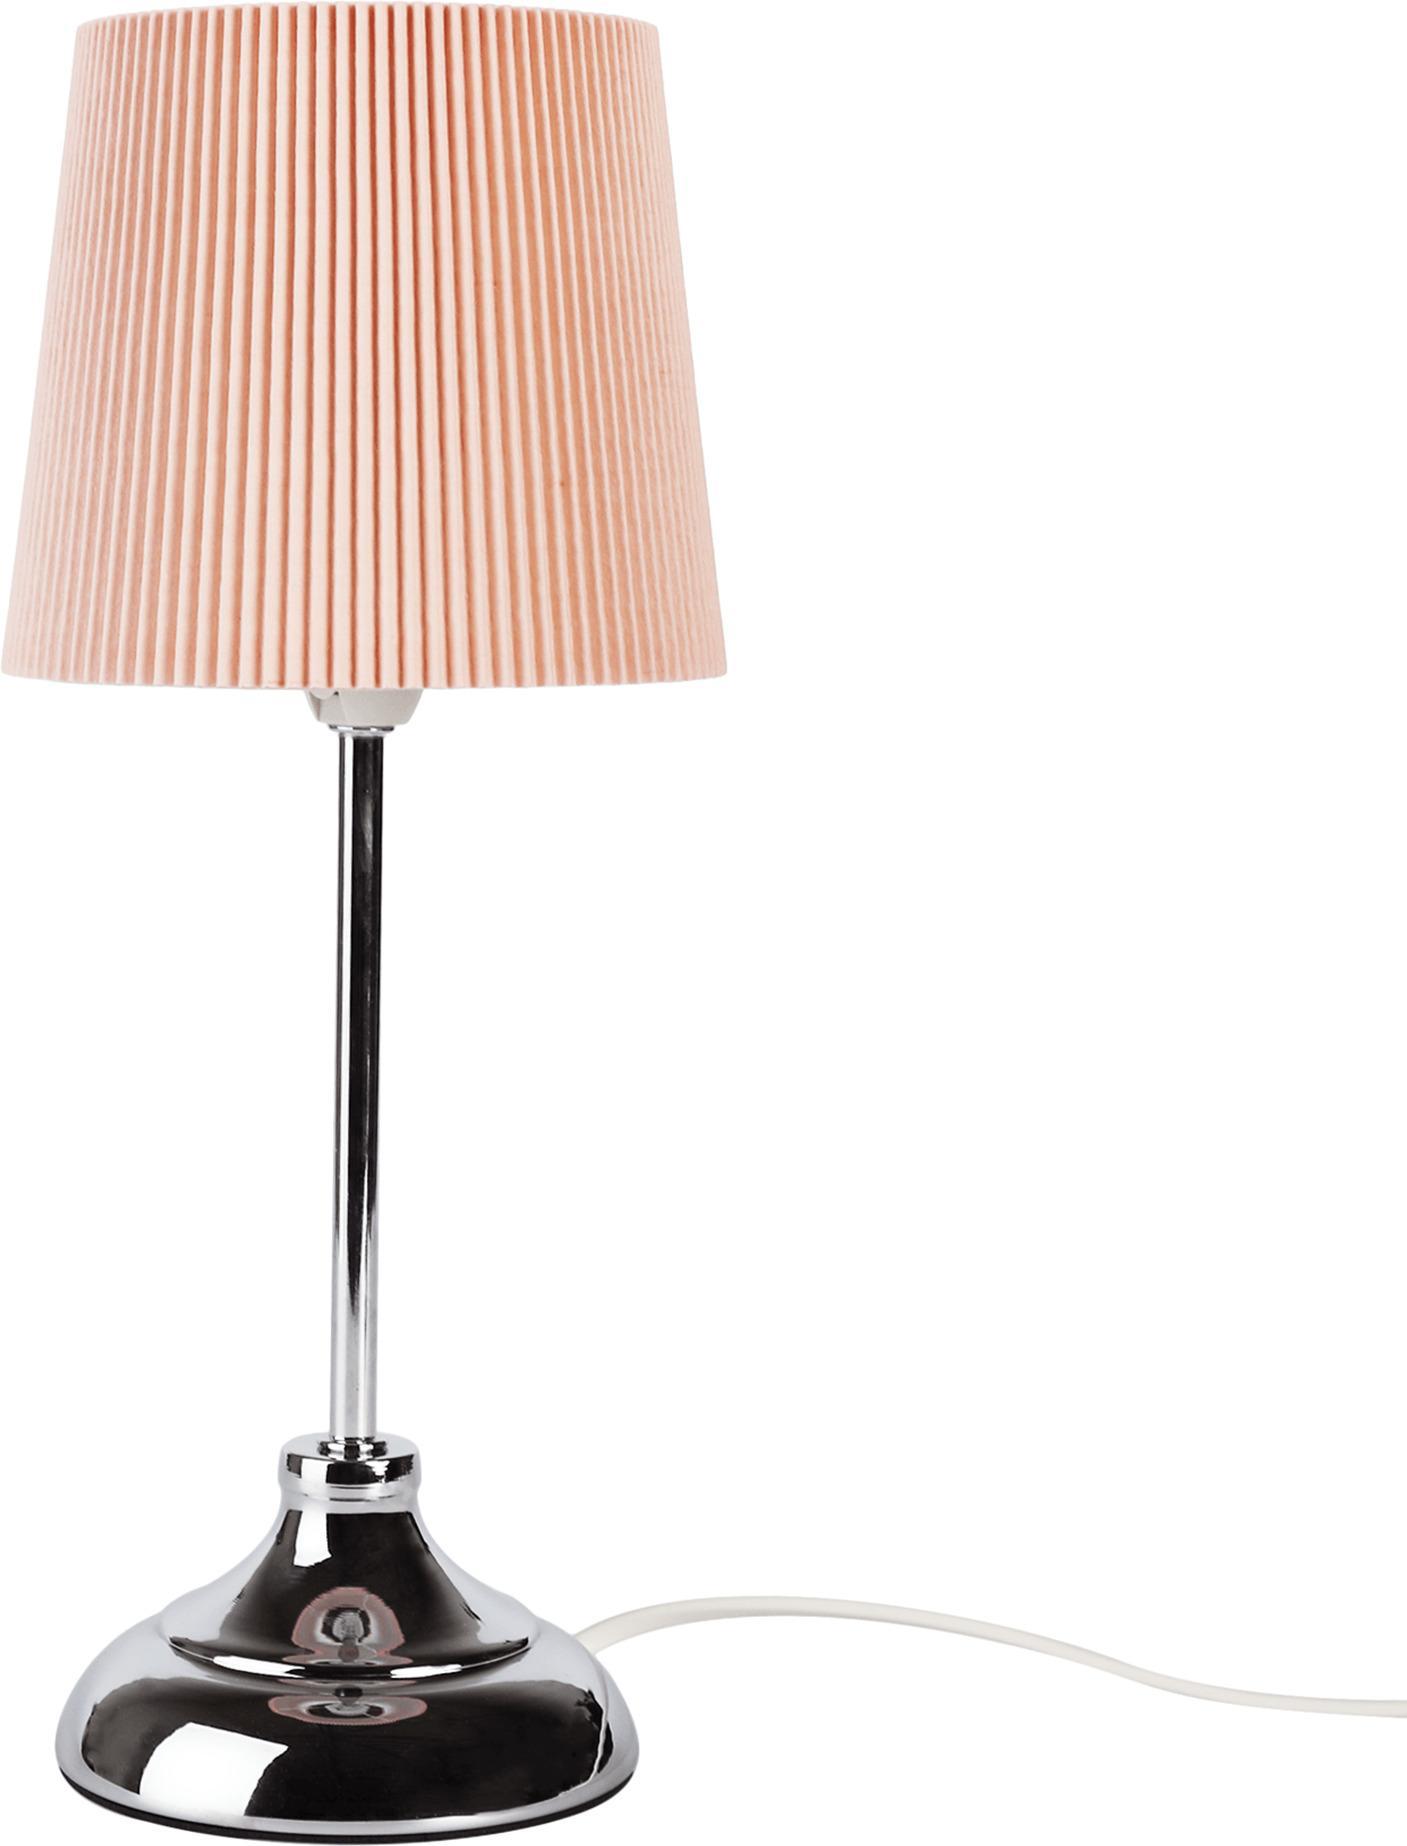 Stolná lampa, kov/ružové textilné tienidlo, GAIDEN